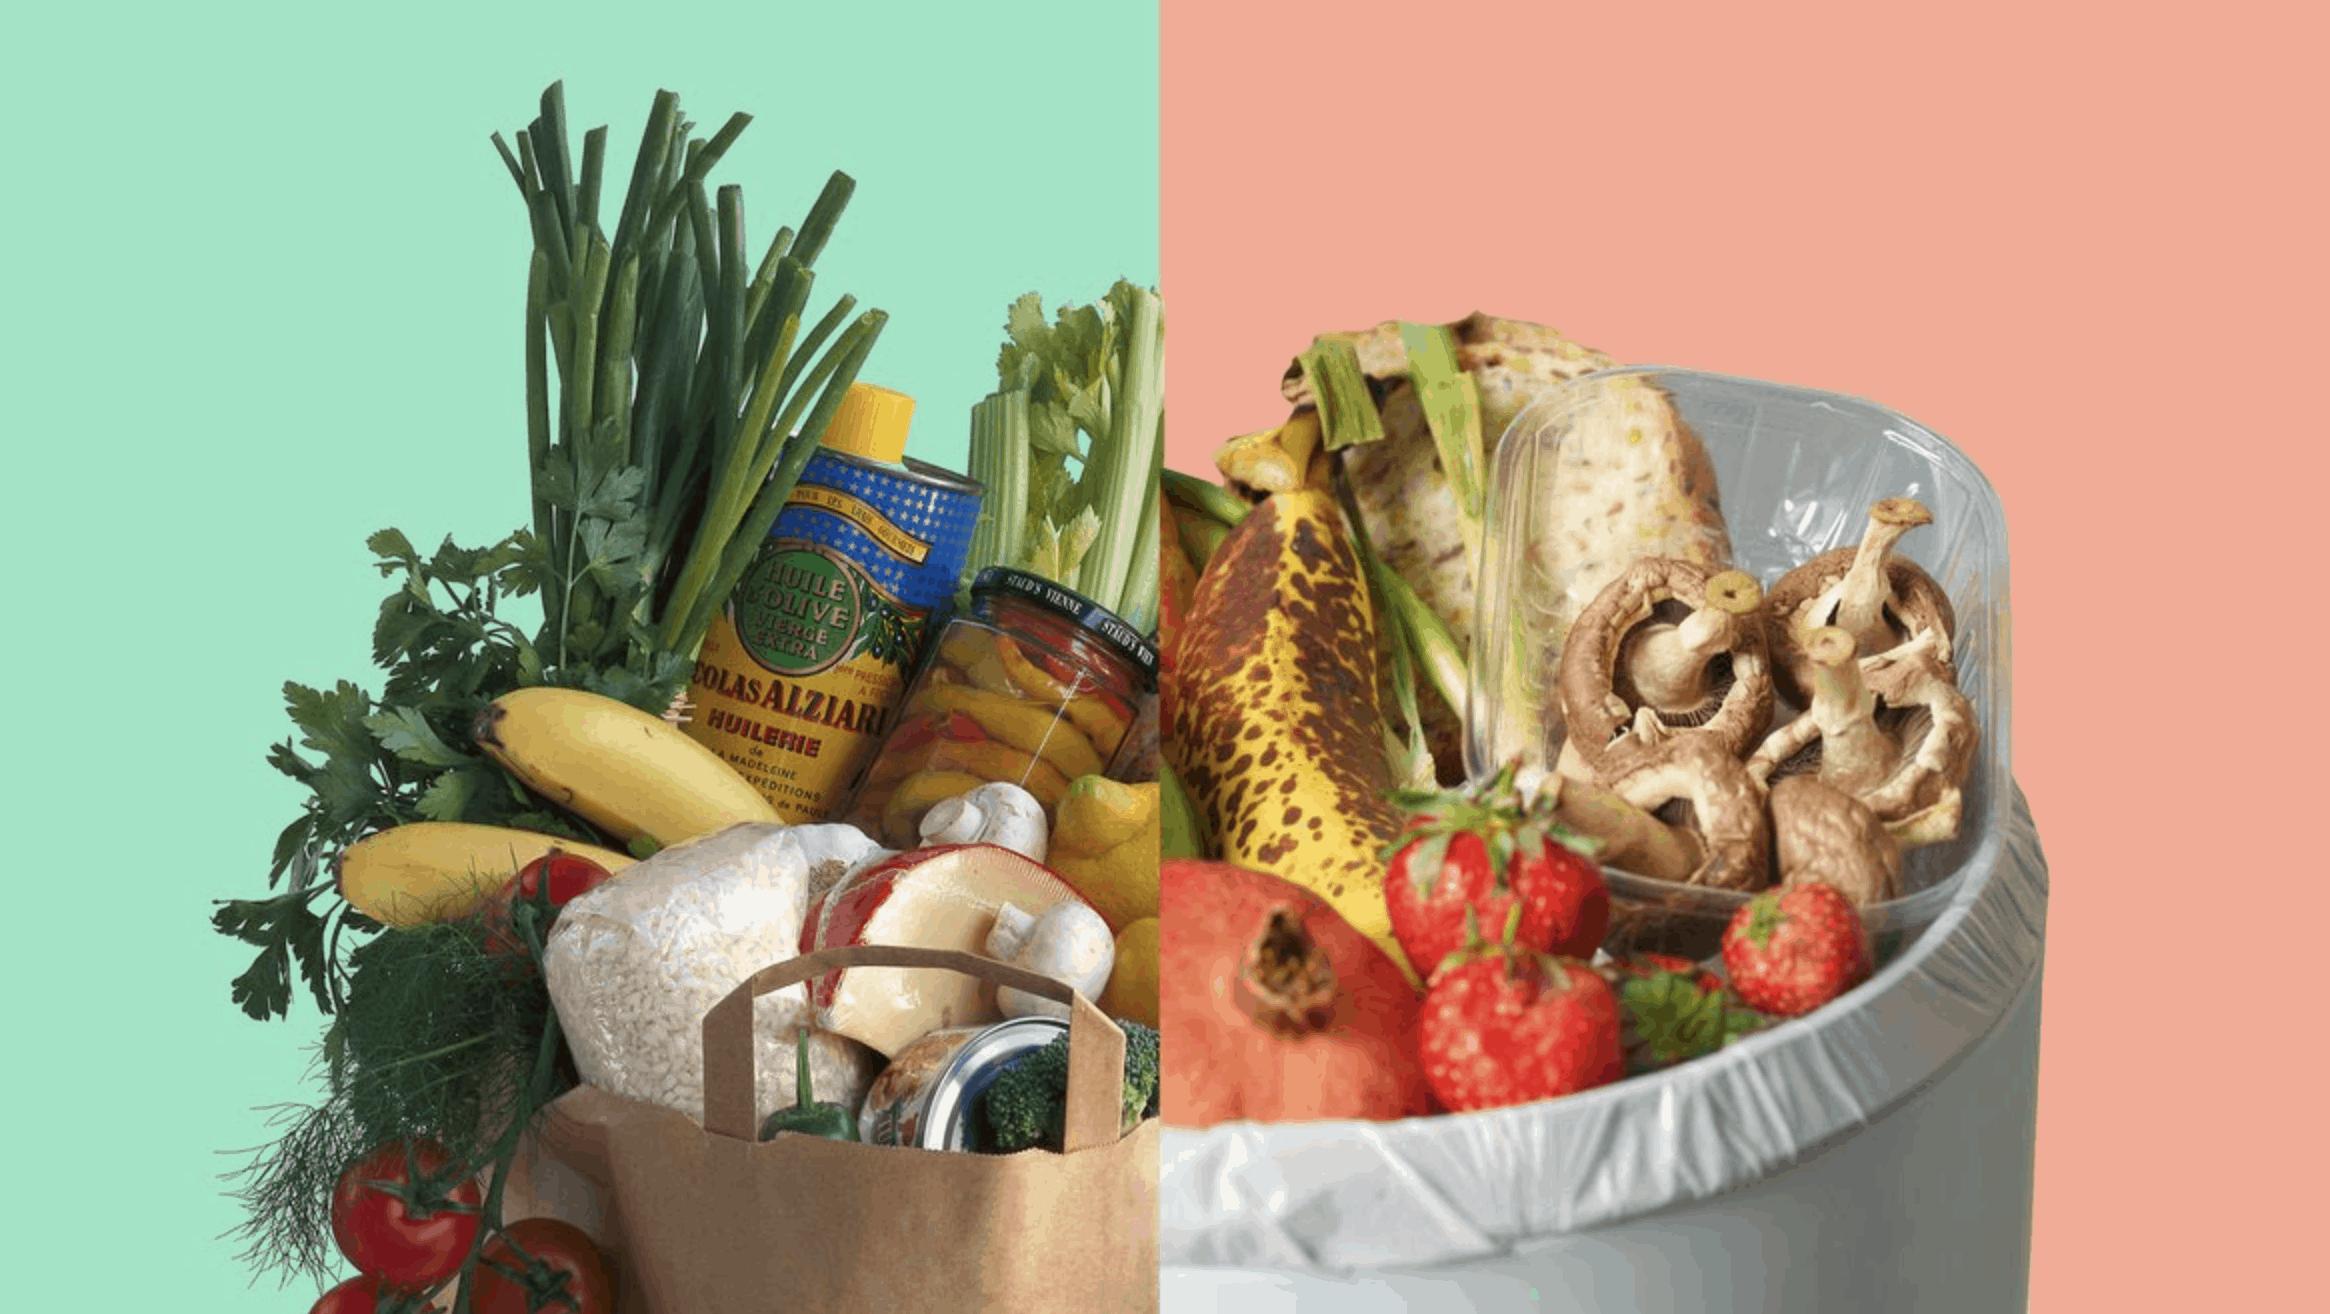 Guedes sugere evitar desperdício de alimentos com doação ao Bolsa Família